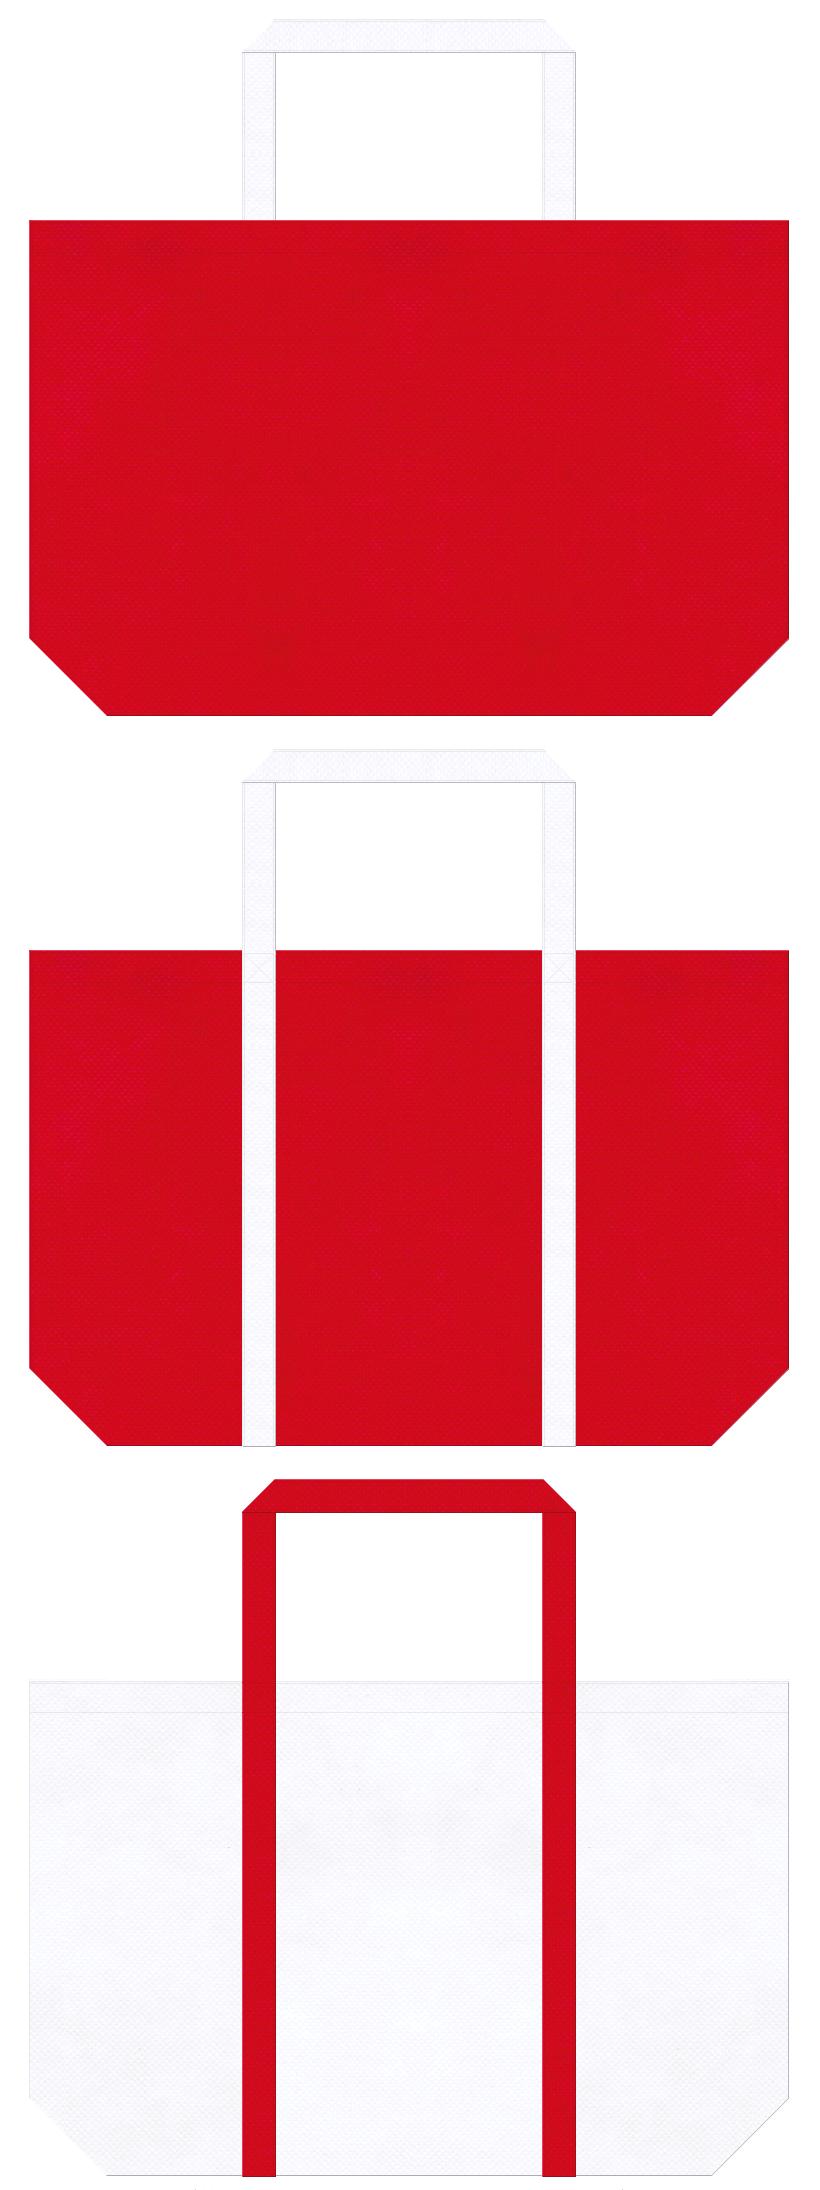 救急用品・消防団・献血・医療施設・病院・医療セミナー・婚礼・お誕生日・ショートケーキ・サンタクロース・クリスマスセールのショッピングバッグにお奨めの不織布バッグデザイン:紅色と白色のコーデ